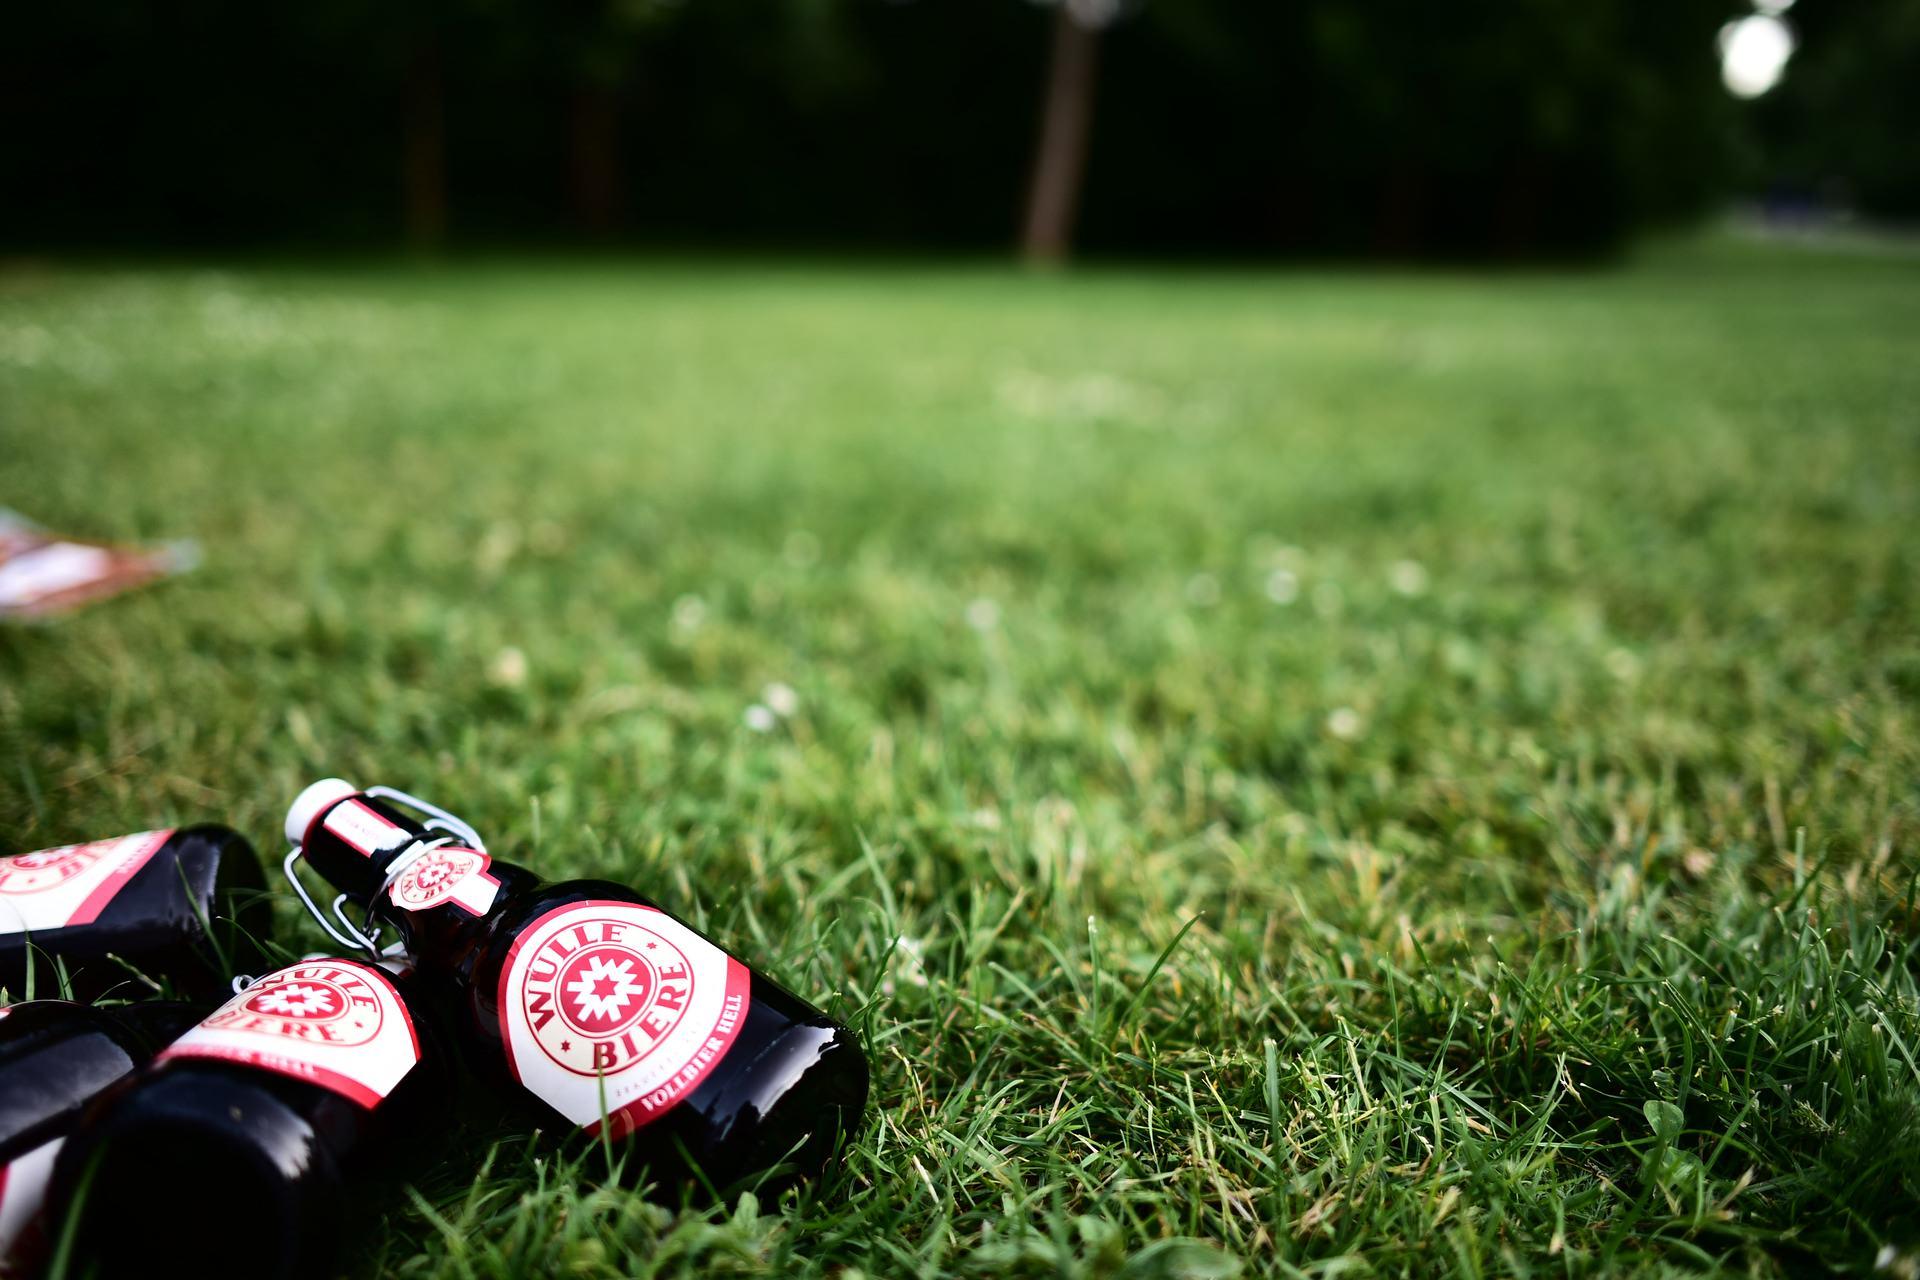 Essen & Trinken: Bier